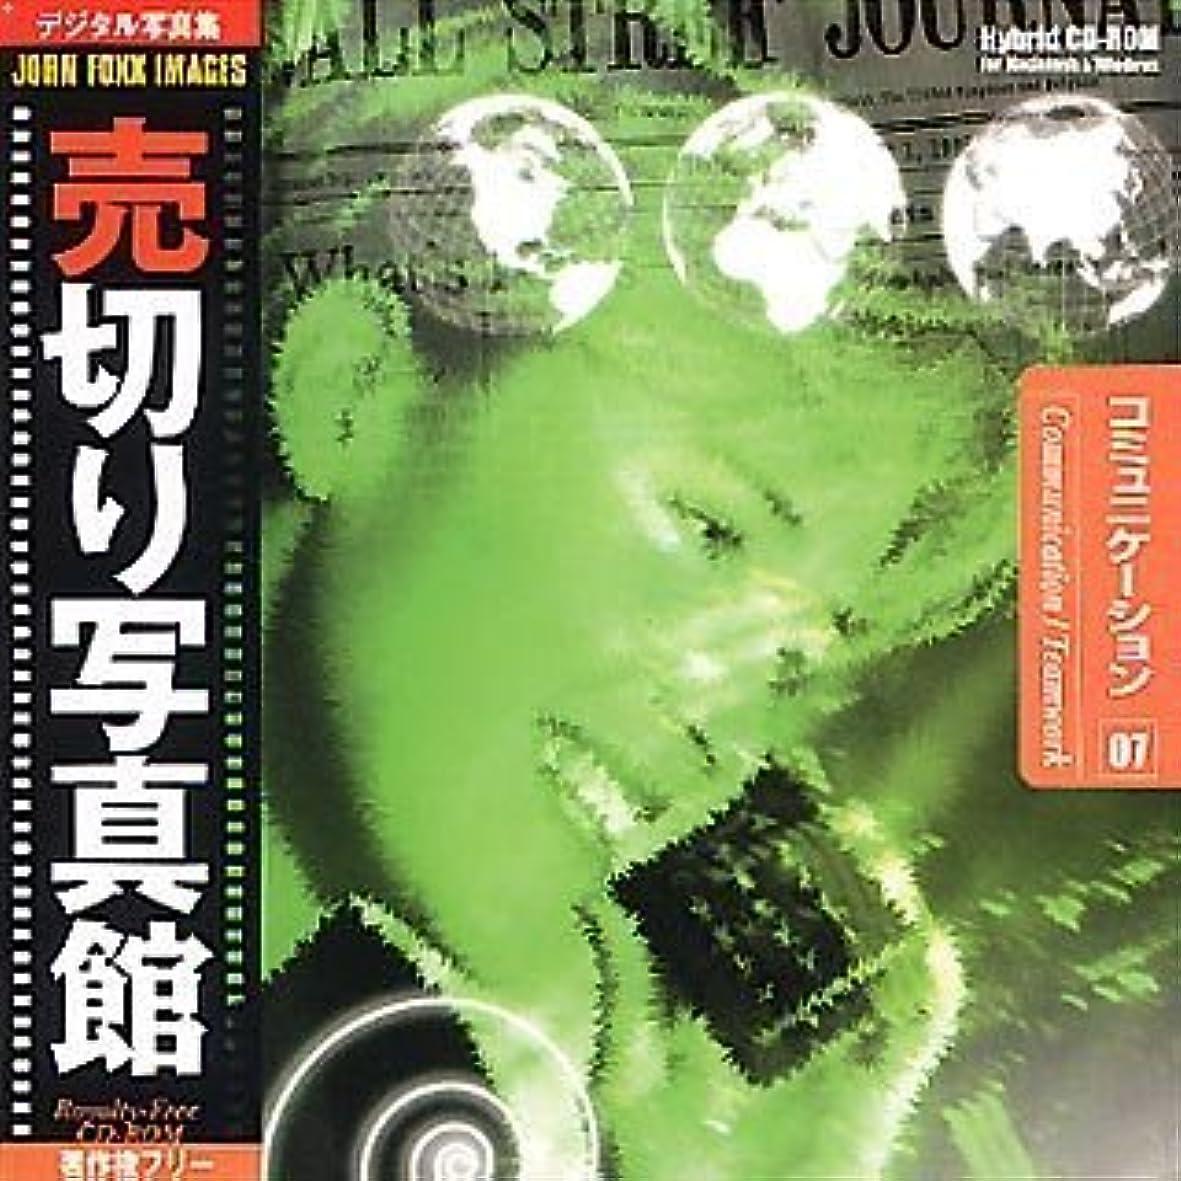 安全毒スクラッチ売切り写真館 JFIシリーズ 7 コミュニケーション